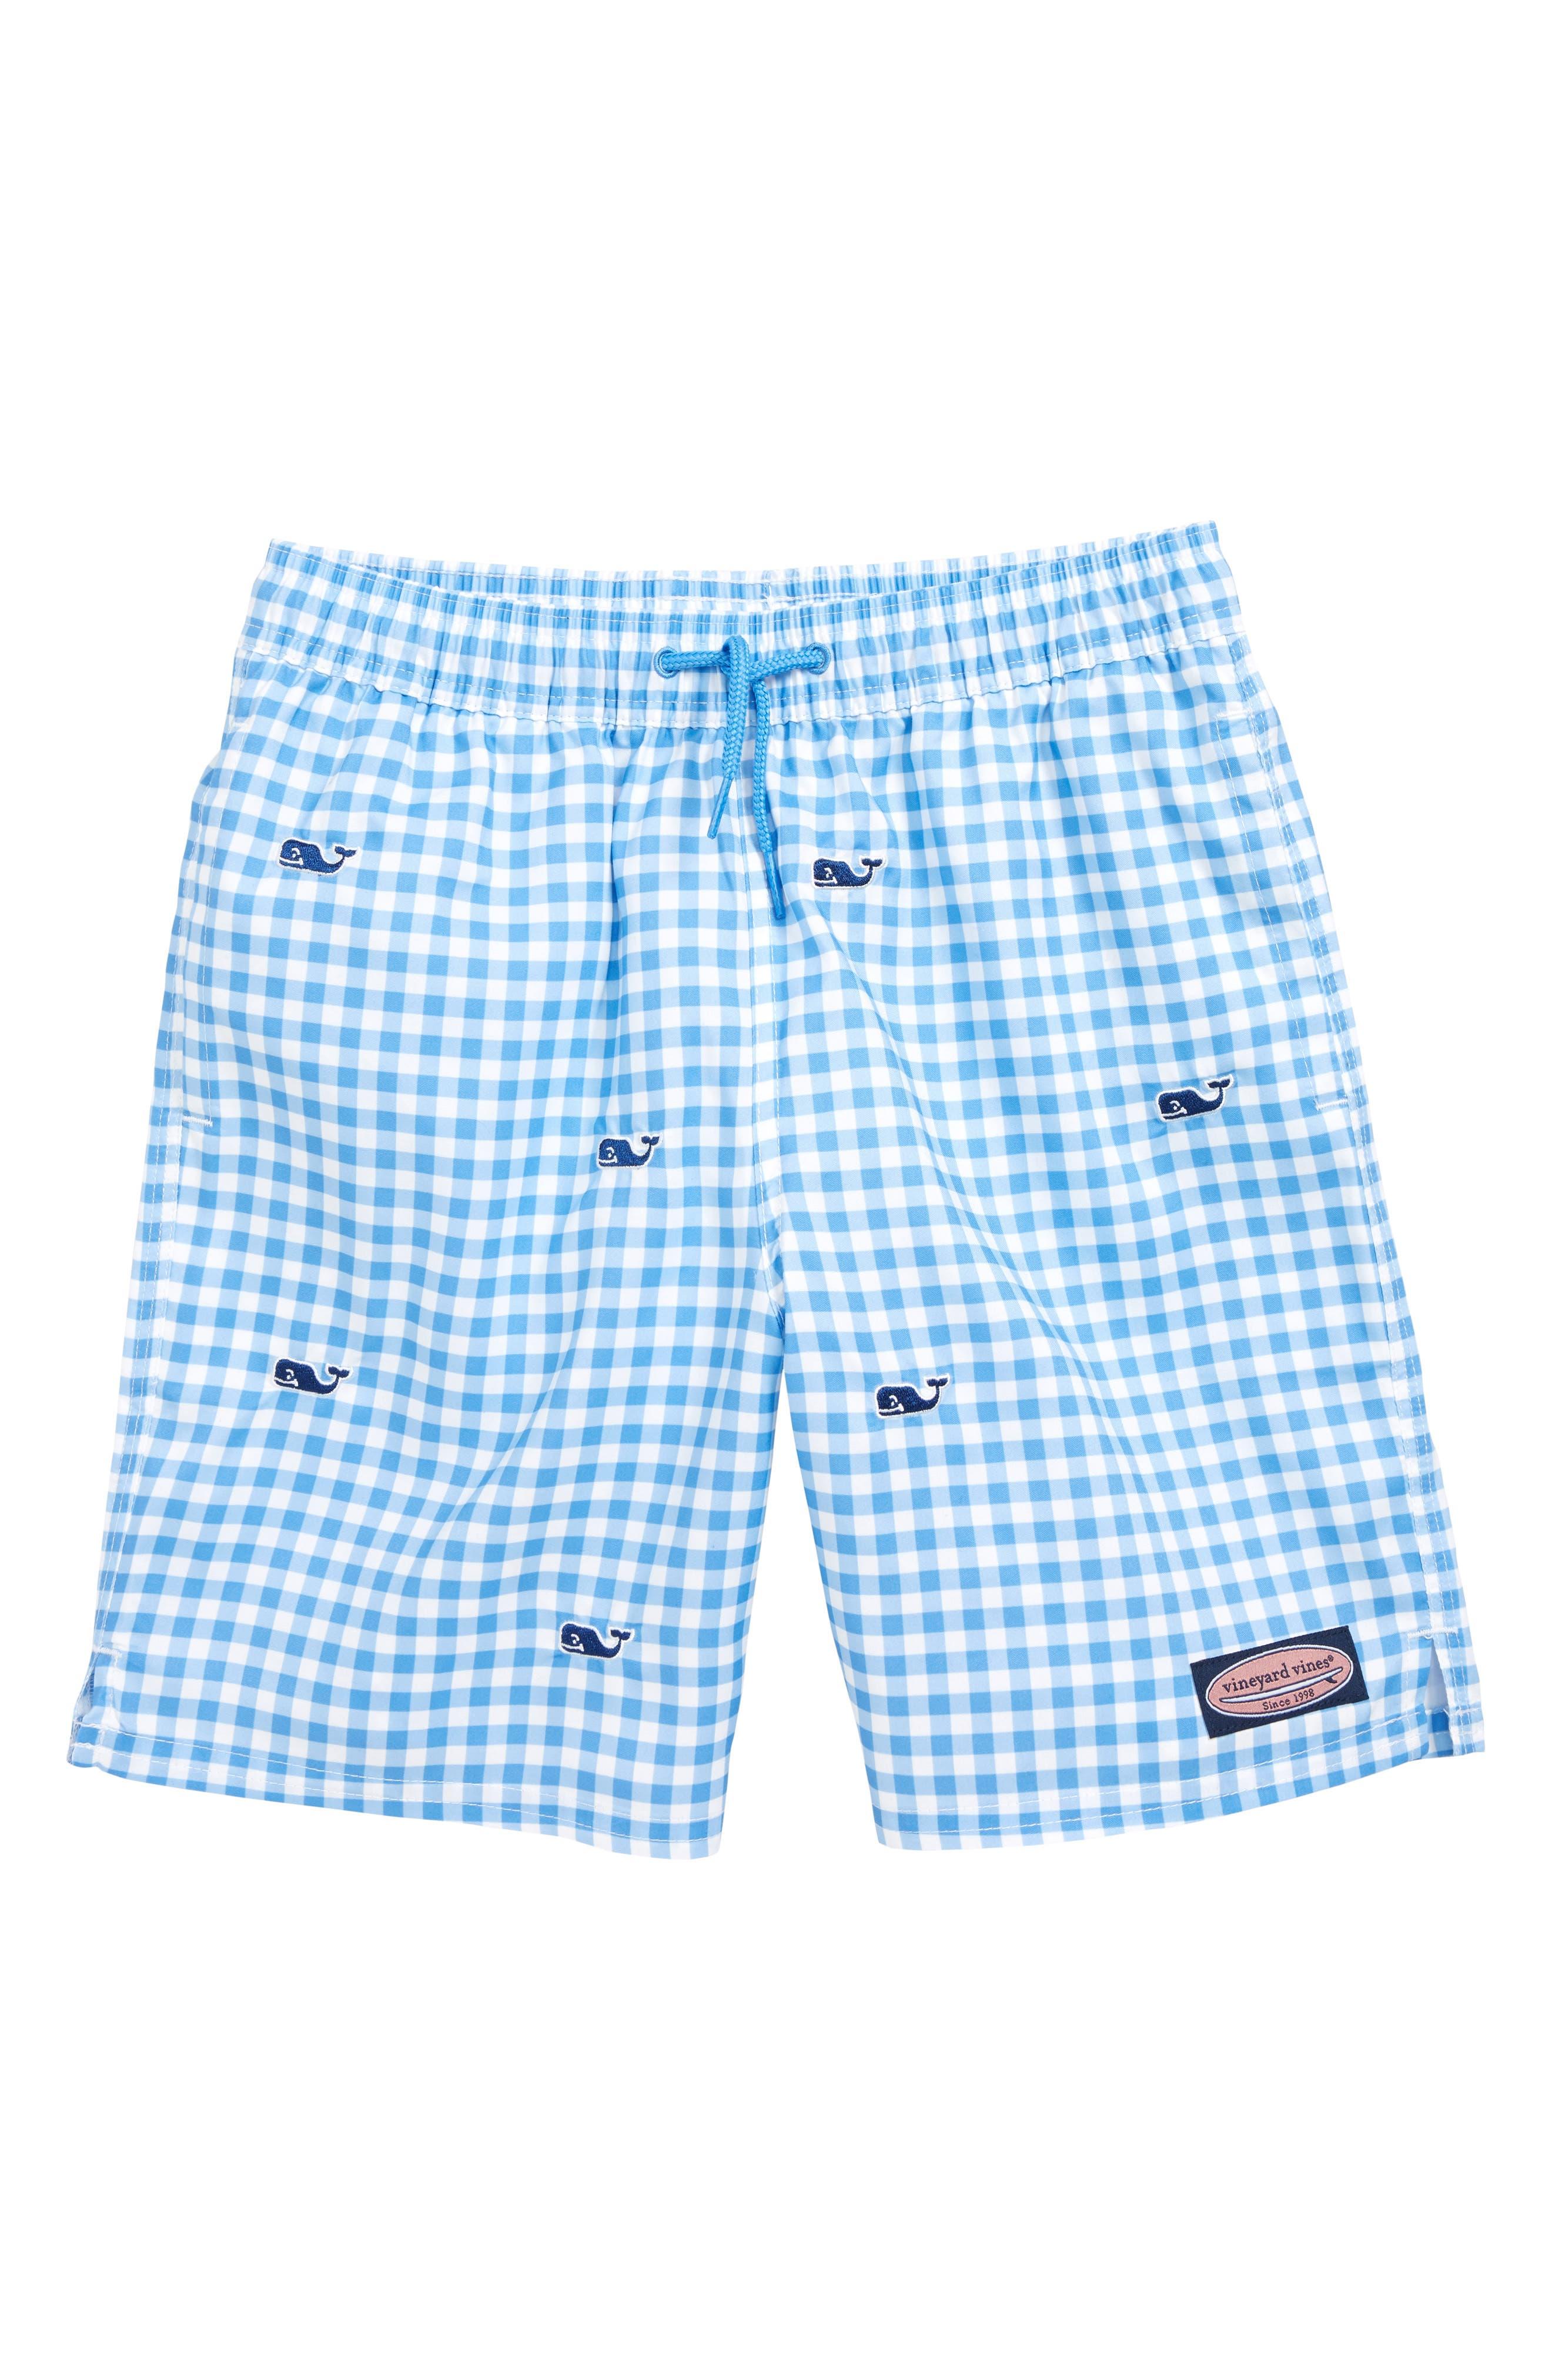 32f5a30af1 vineyard vines - Boys' Swimwear and Beachwear